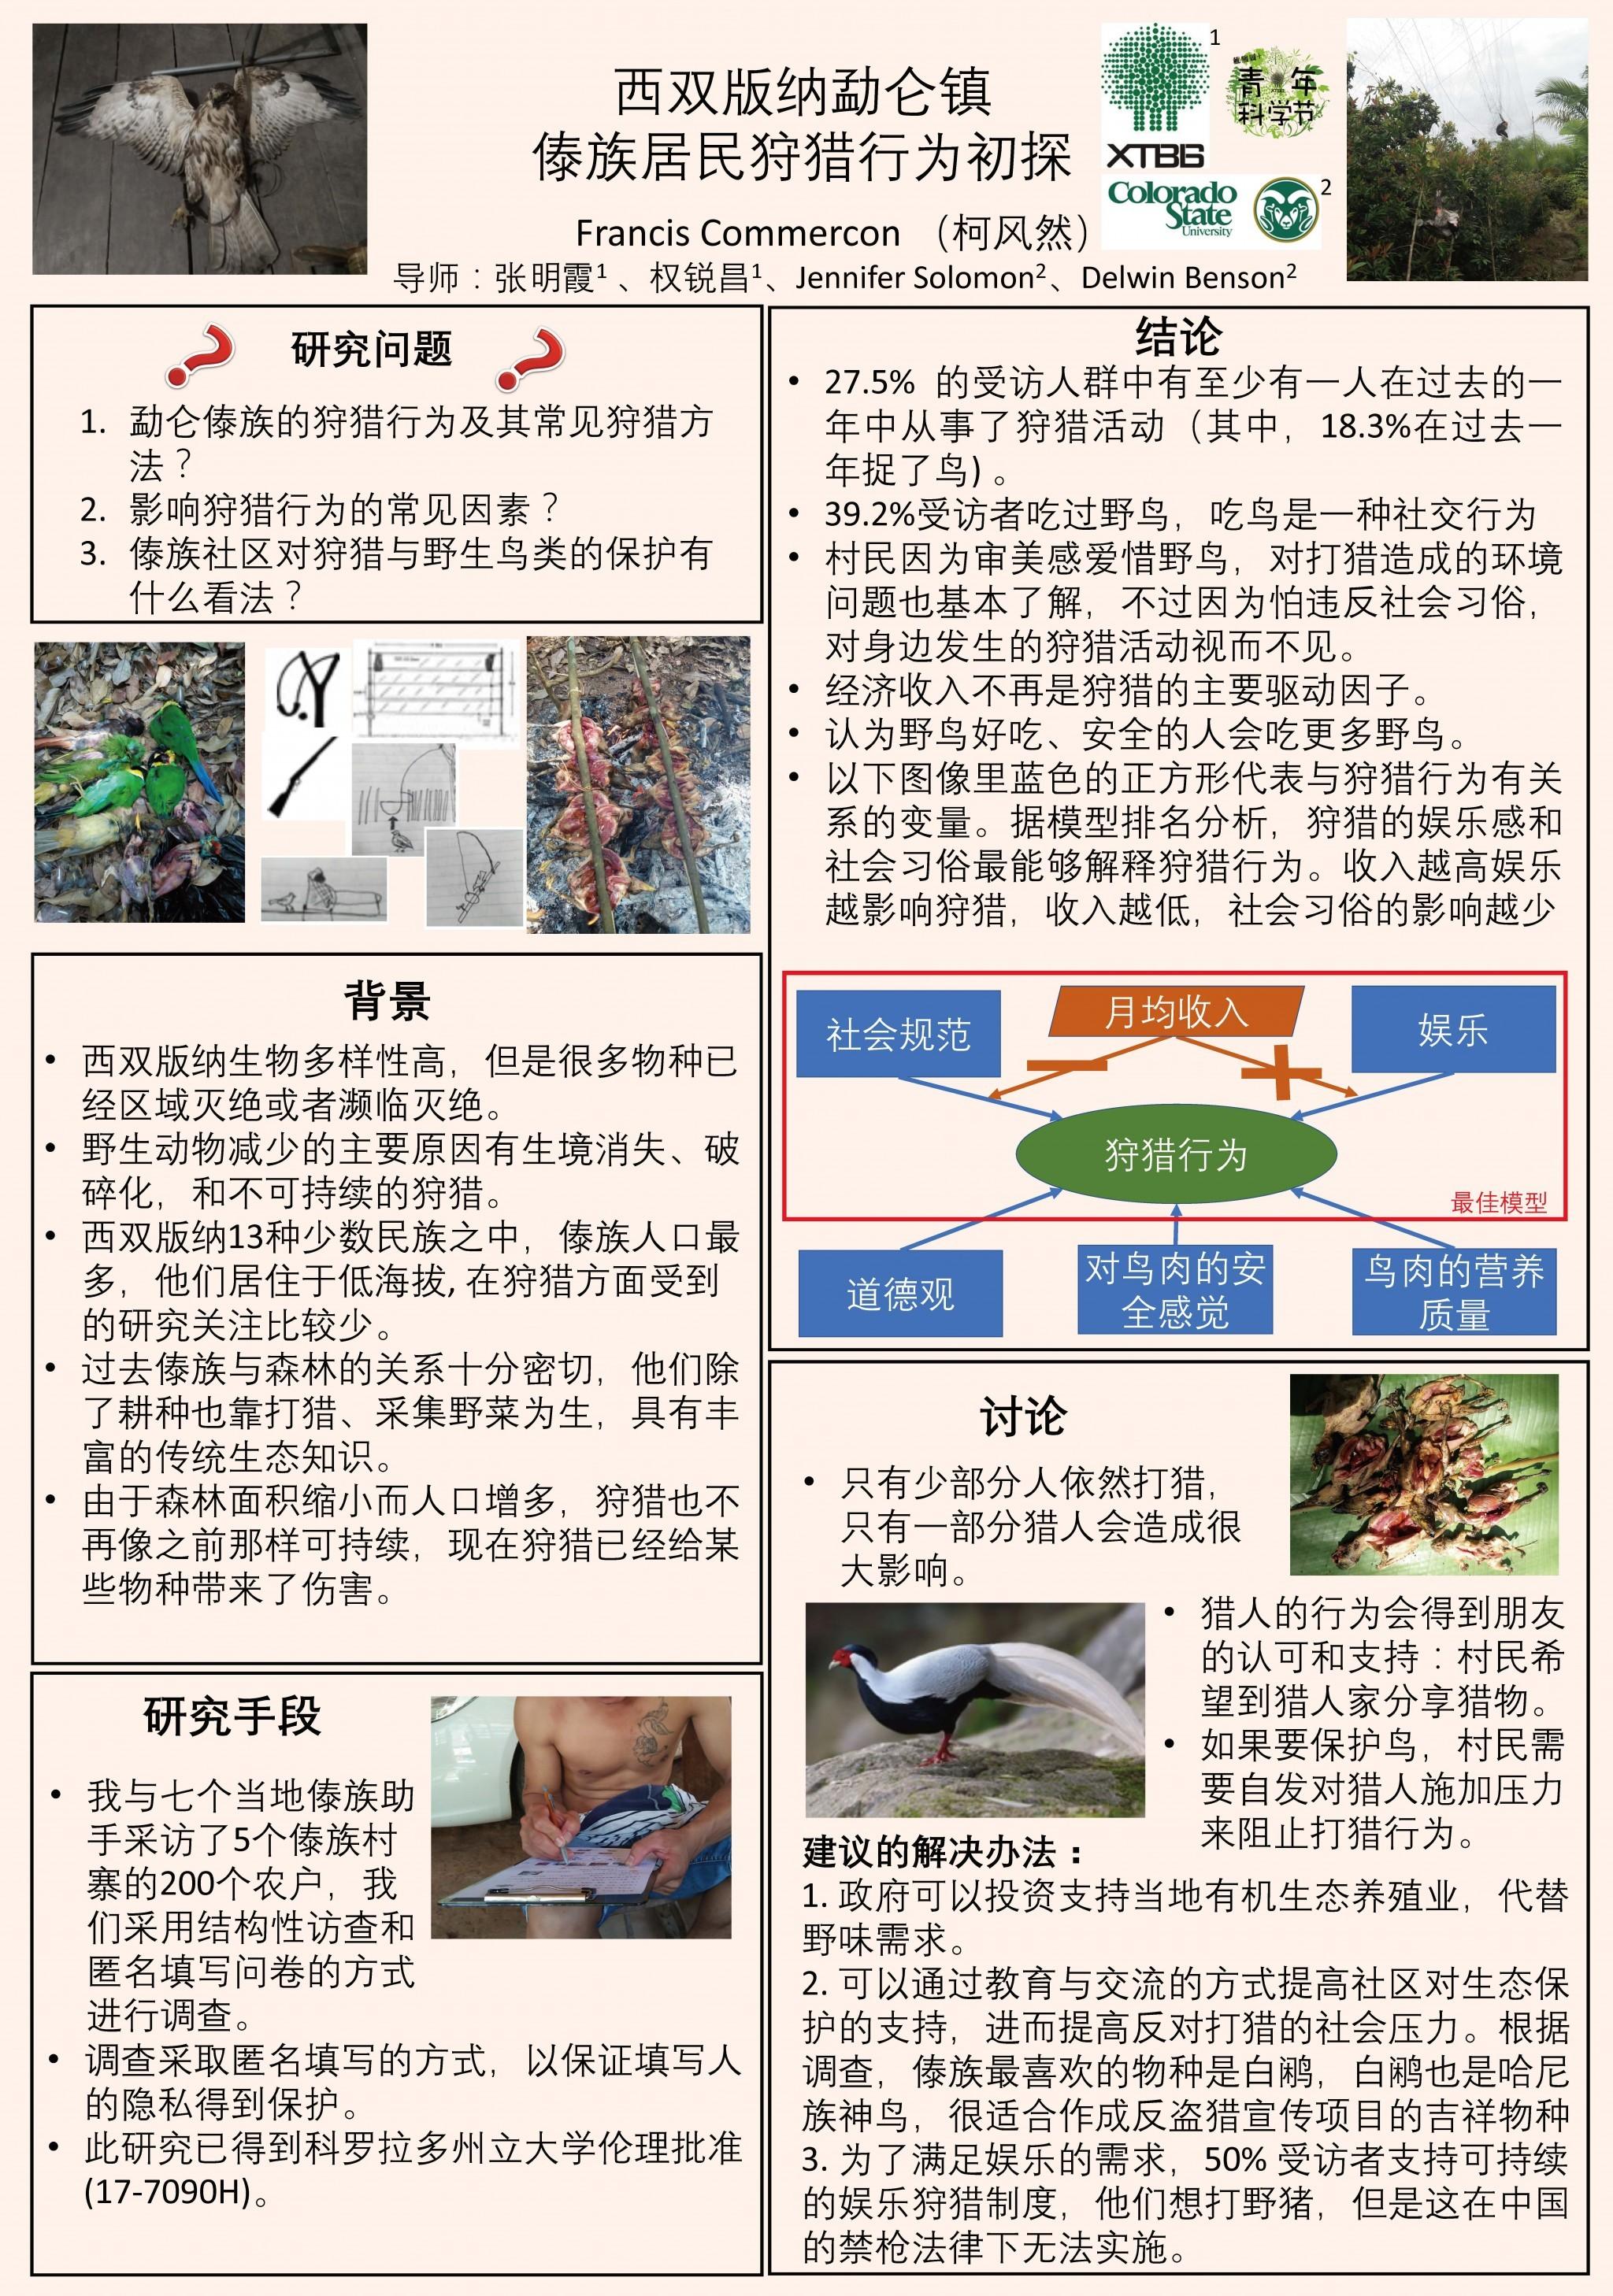 西双版纳勐仑镇傣族居民狩猎行为探究(作者:Commercon)